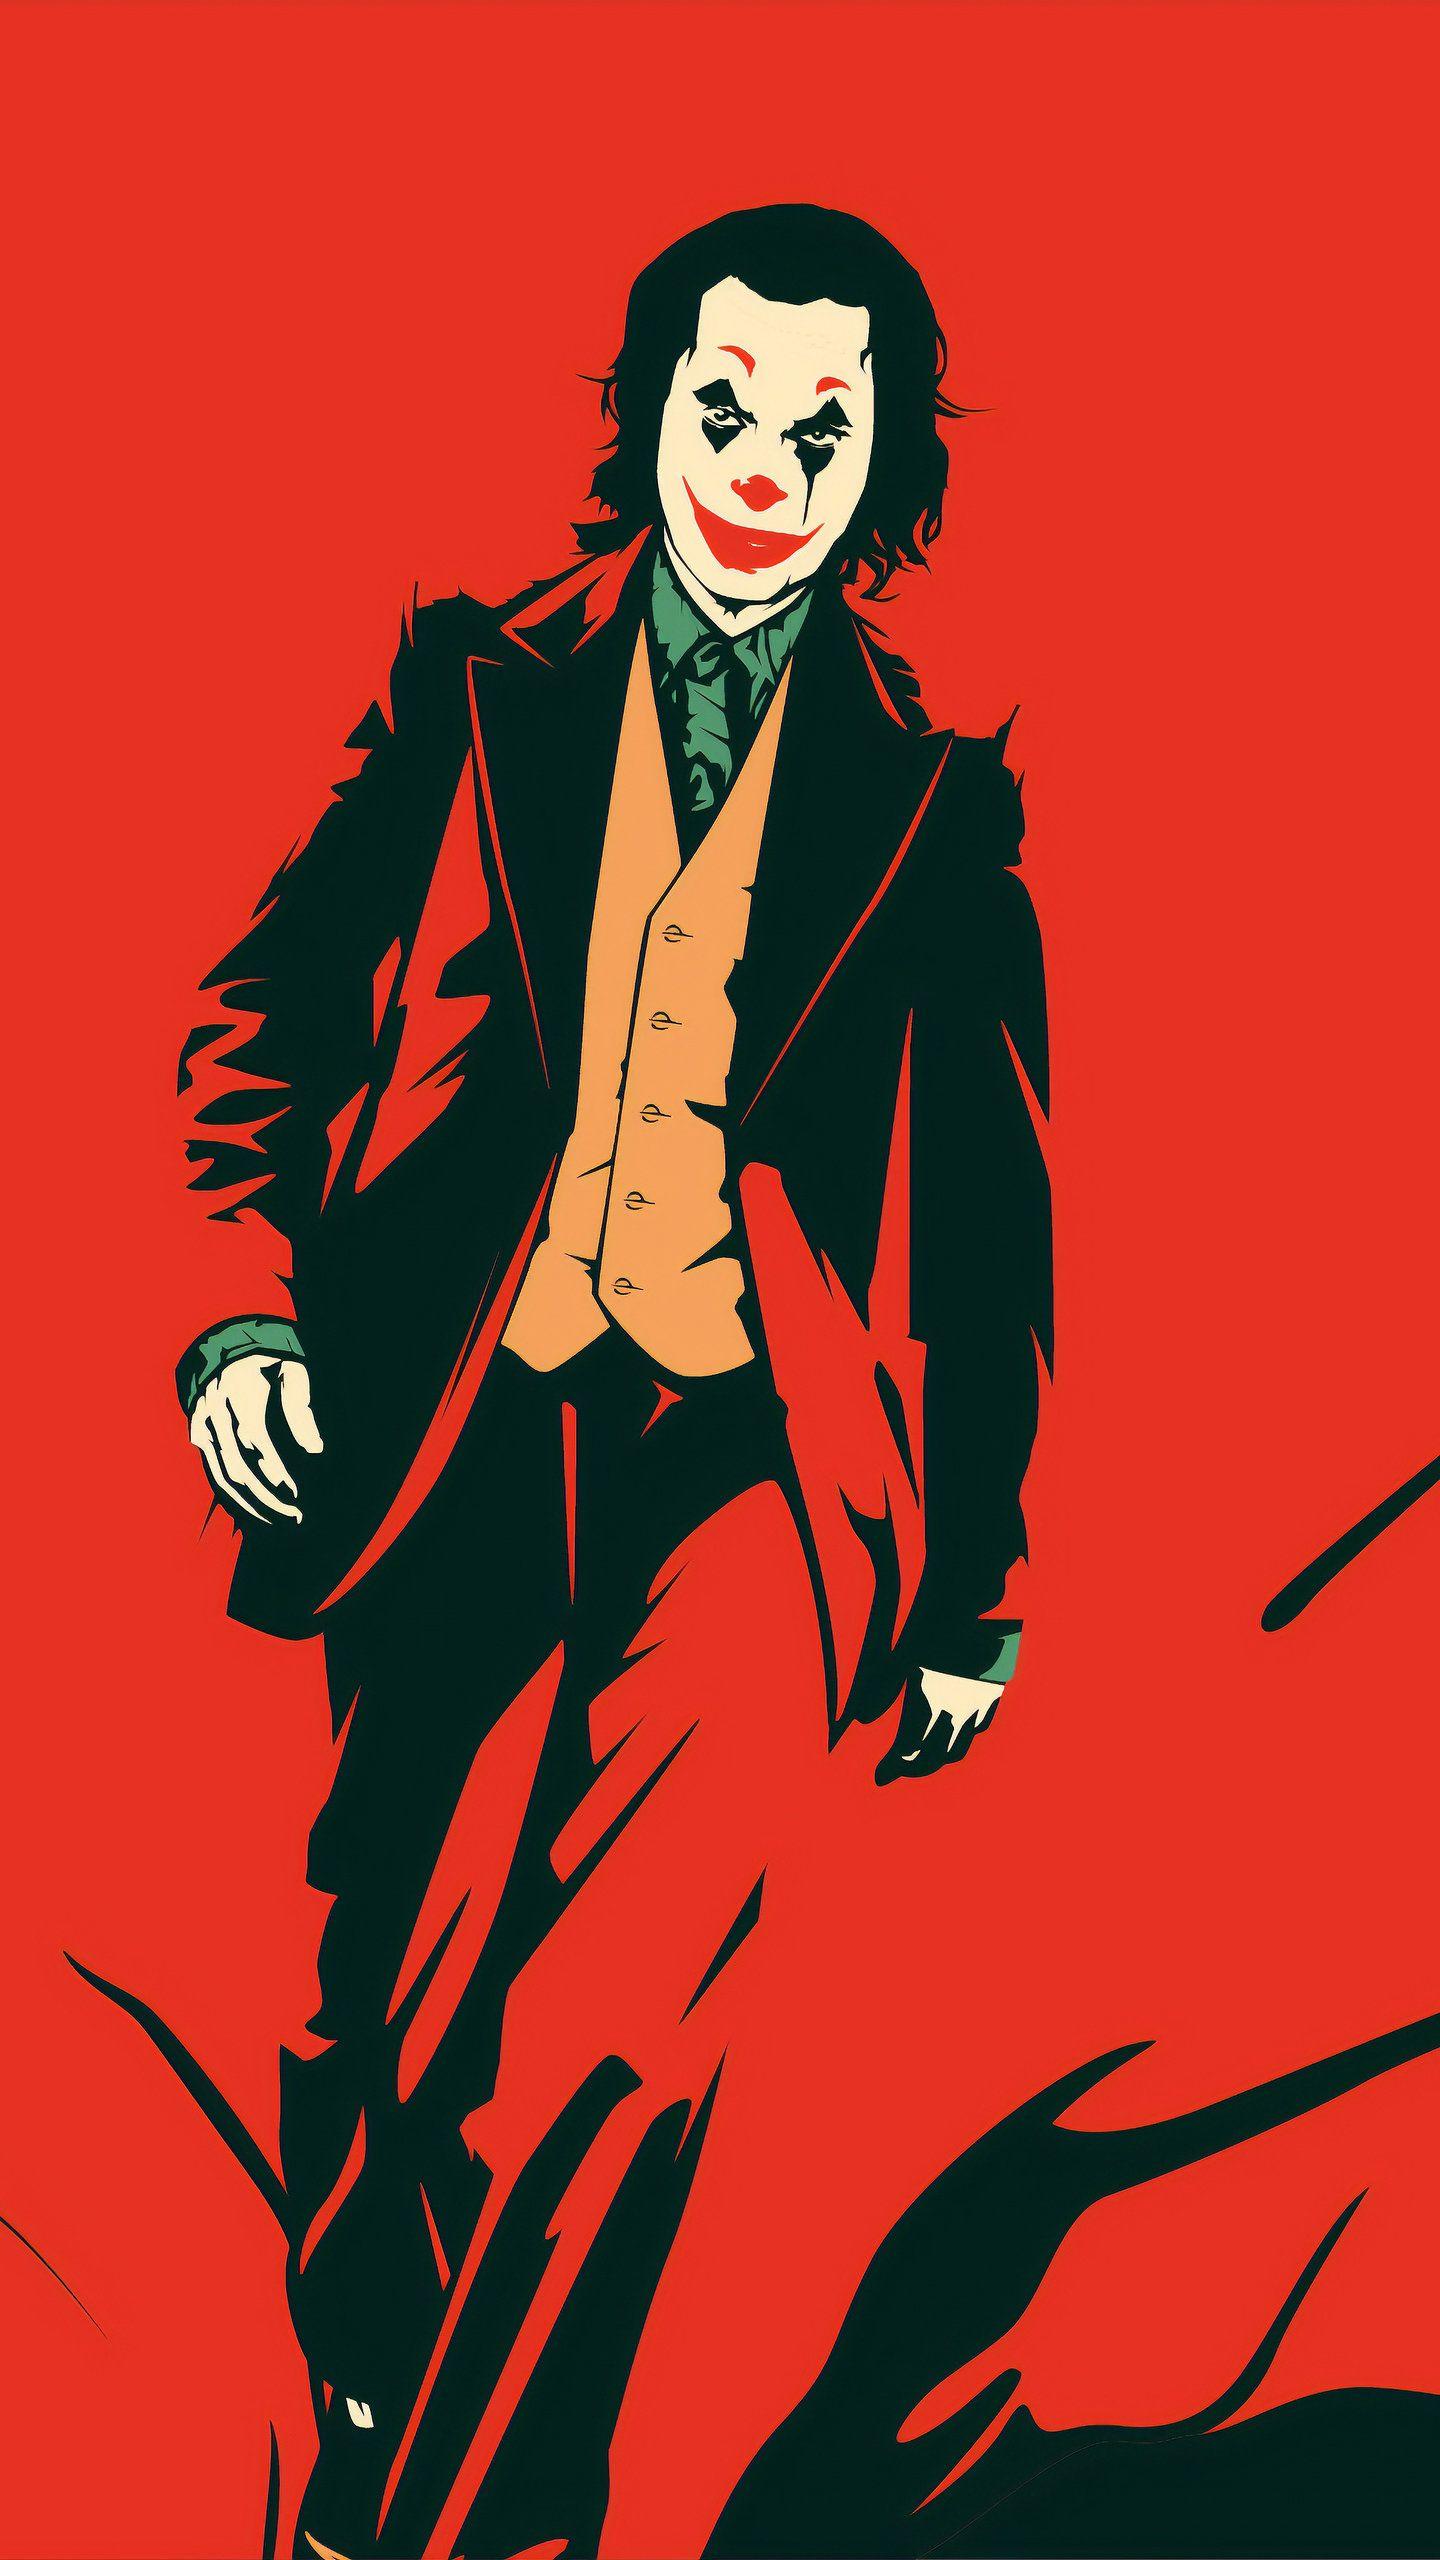 Joker Wallpaper For Iphone